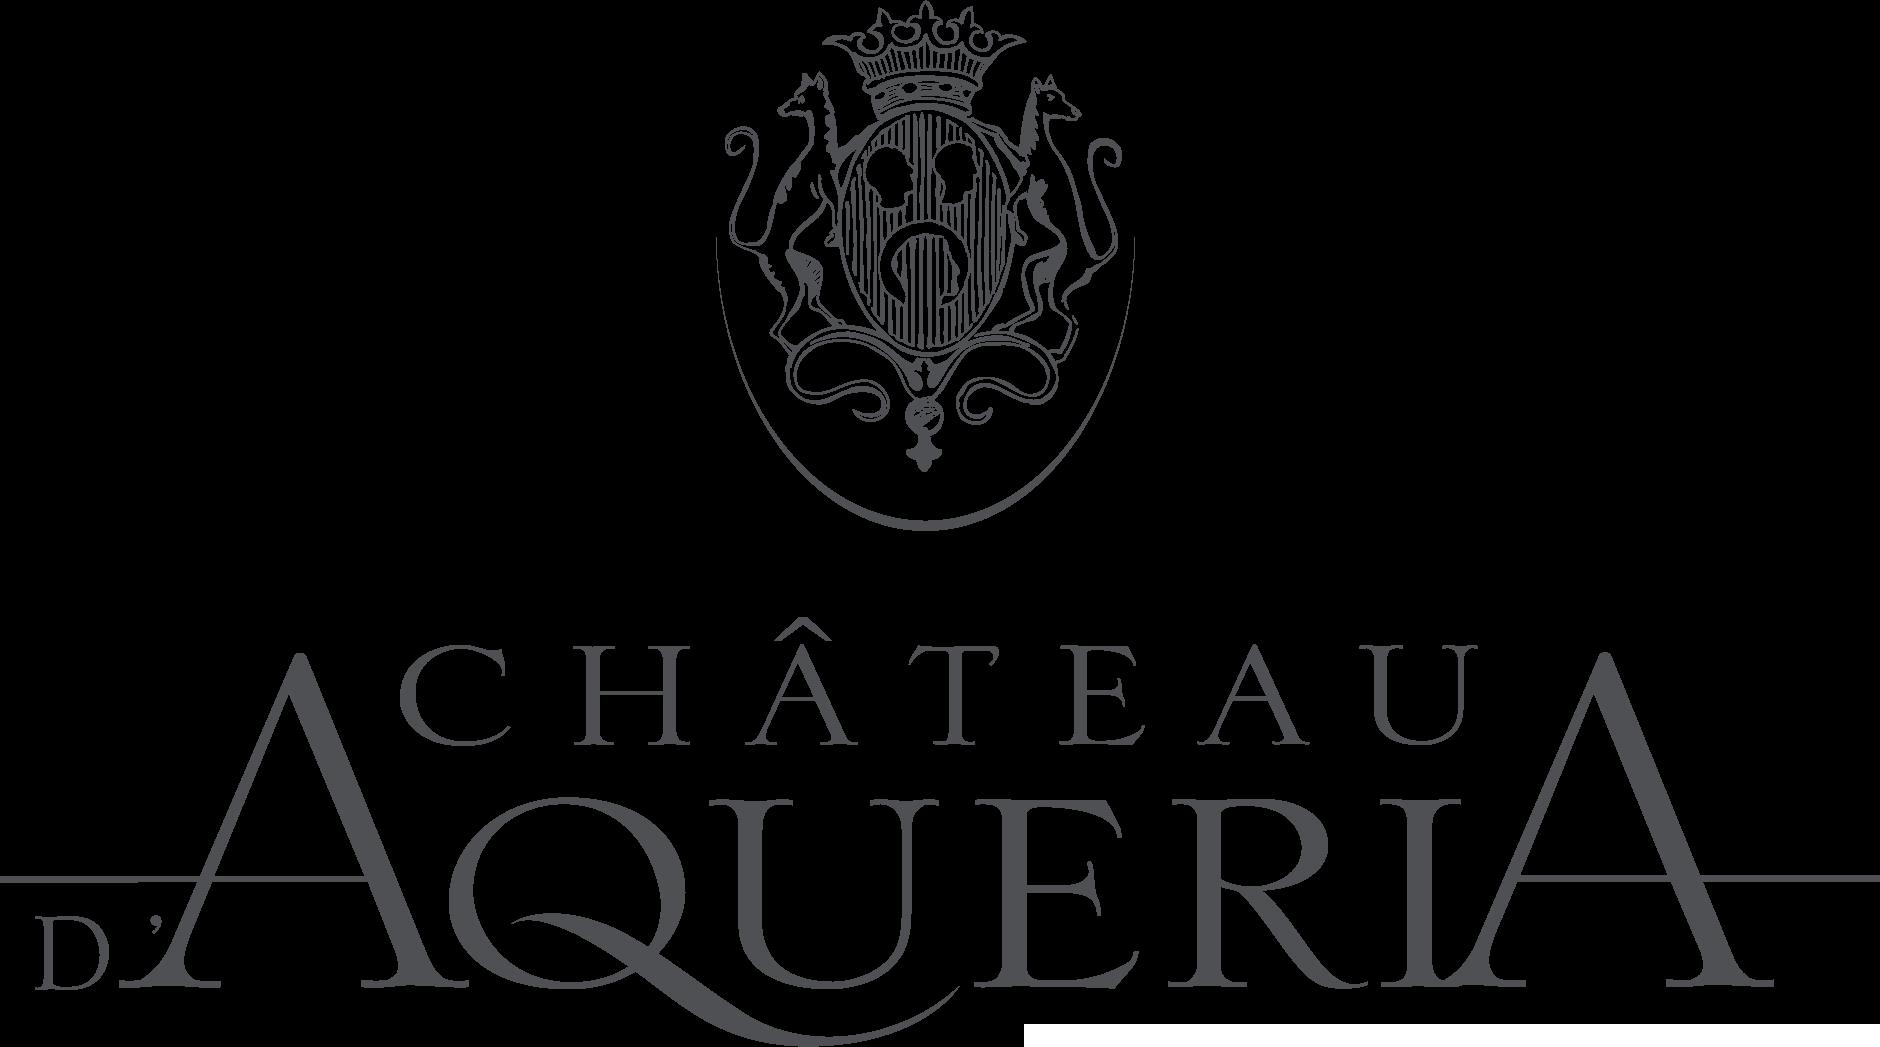 Château D'Aqueria